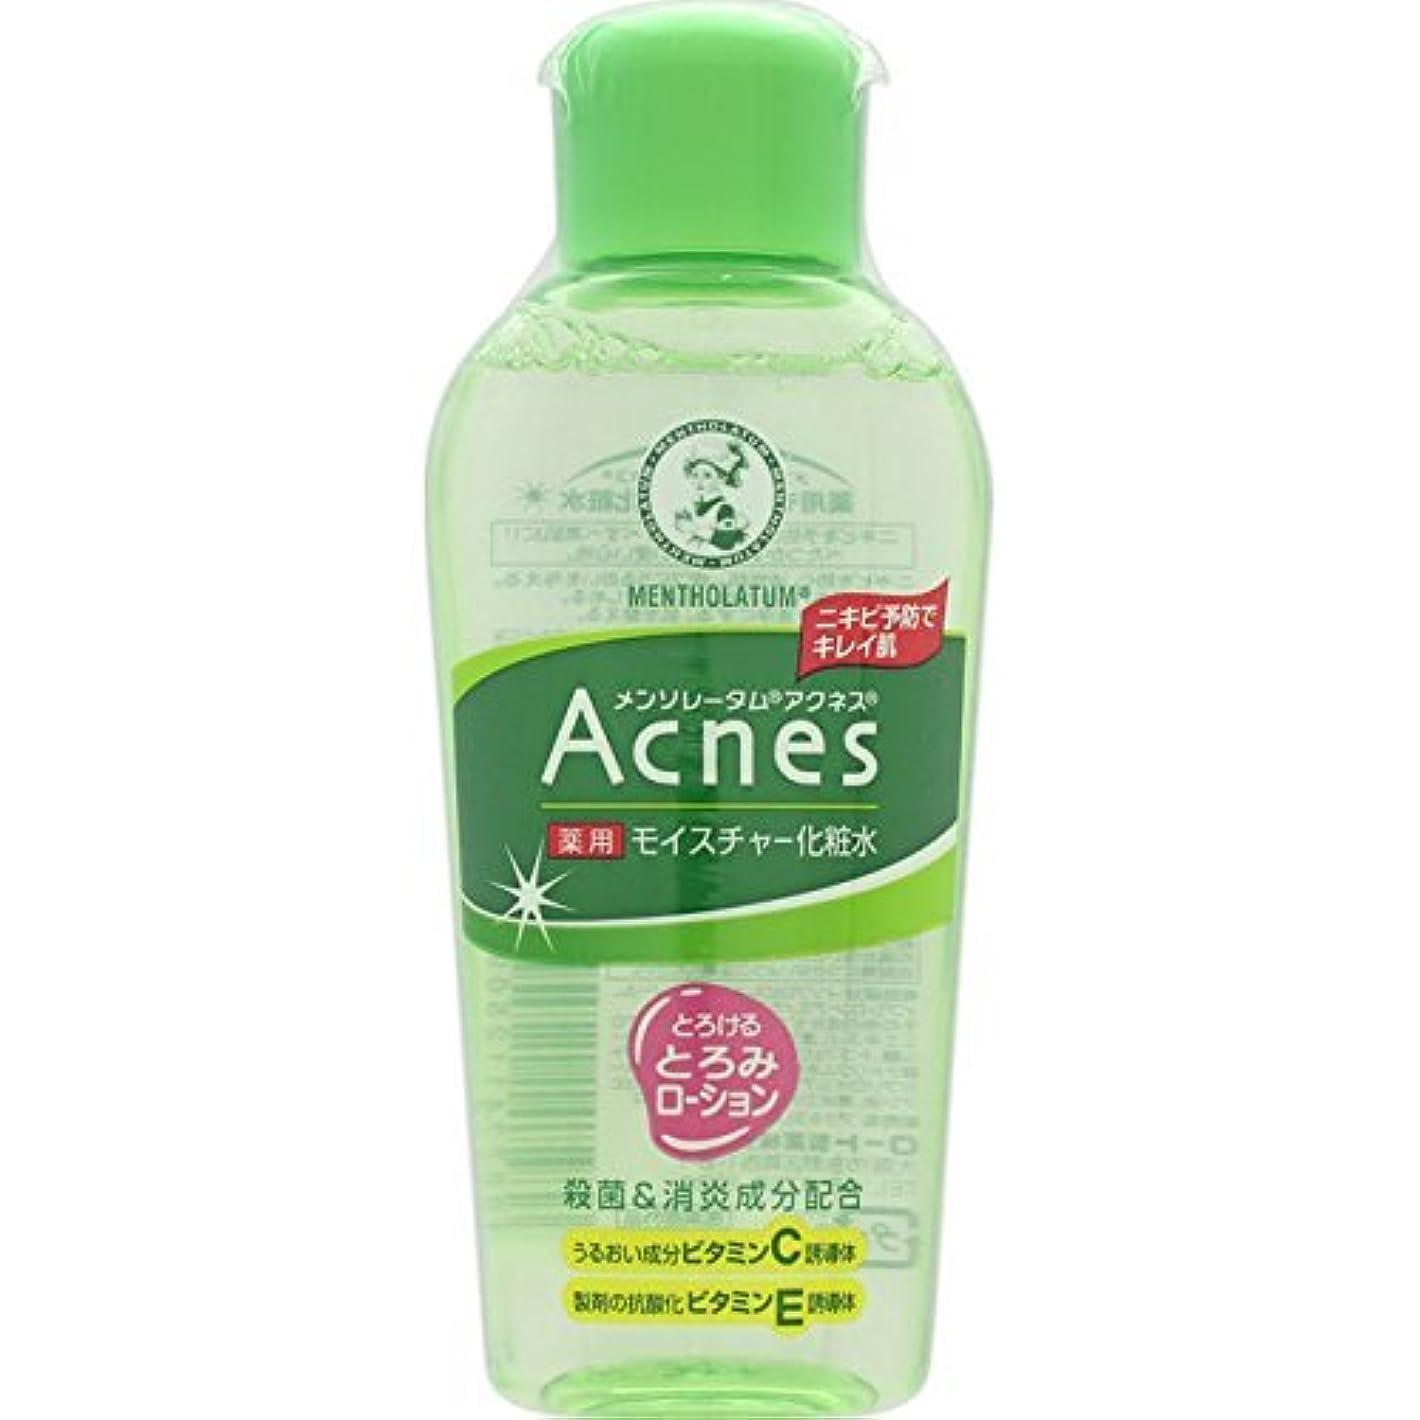 後タヒチ自発Acnes(アクネス) 薬用モイスチャー化粧水 120mL【医薬部外品】